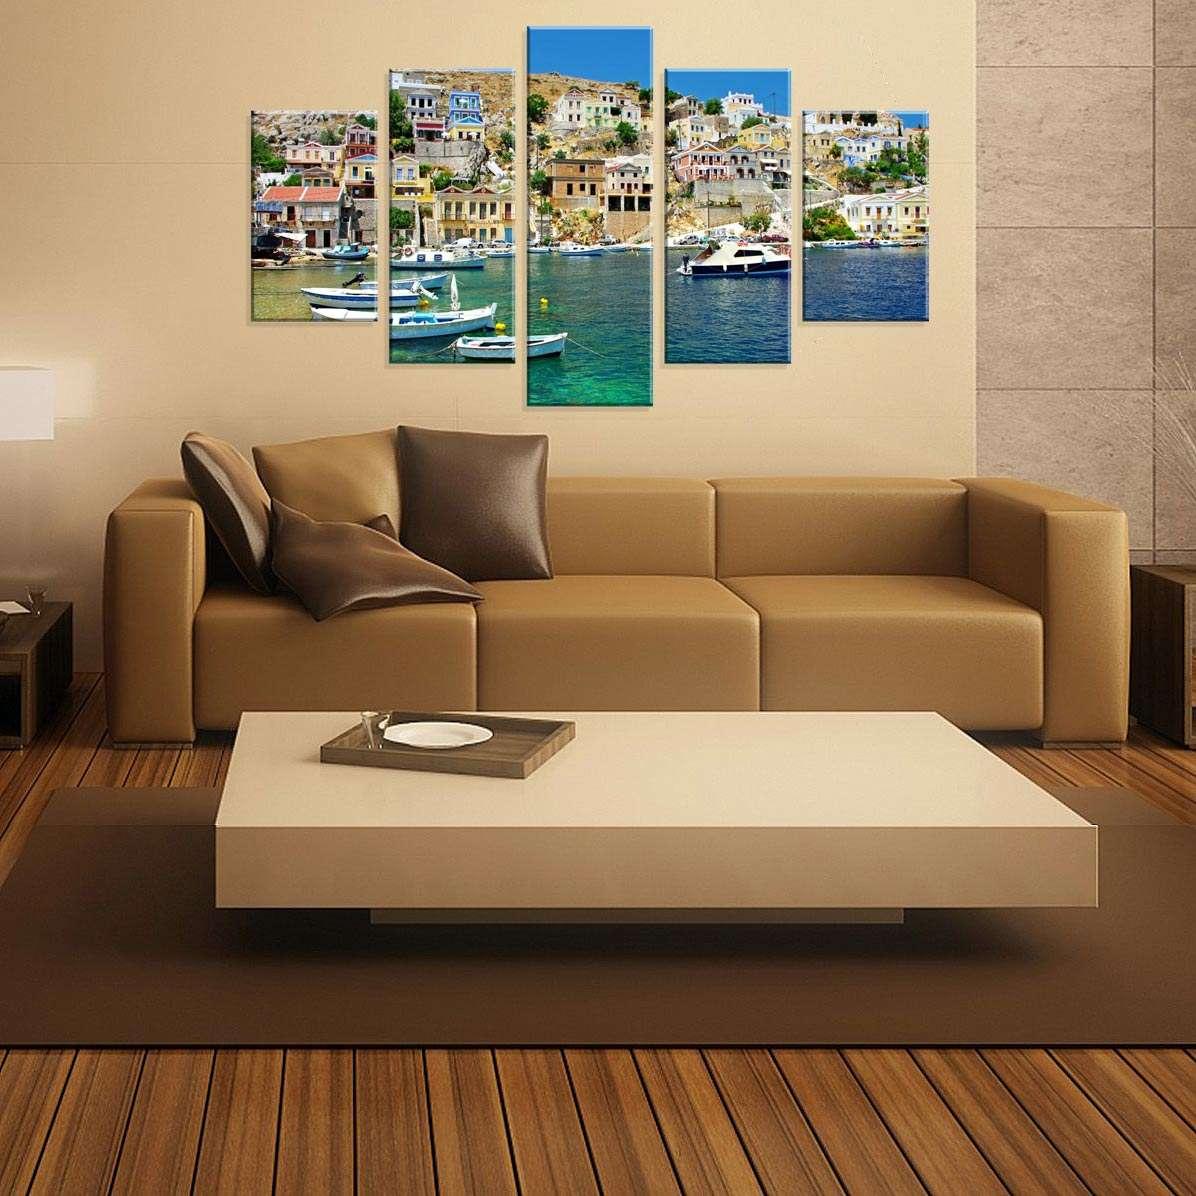 b6ef1a96b Conjunto de 5 Telas Decorativas em Canvas Paisagem 90 x160